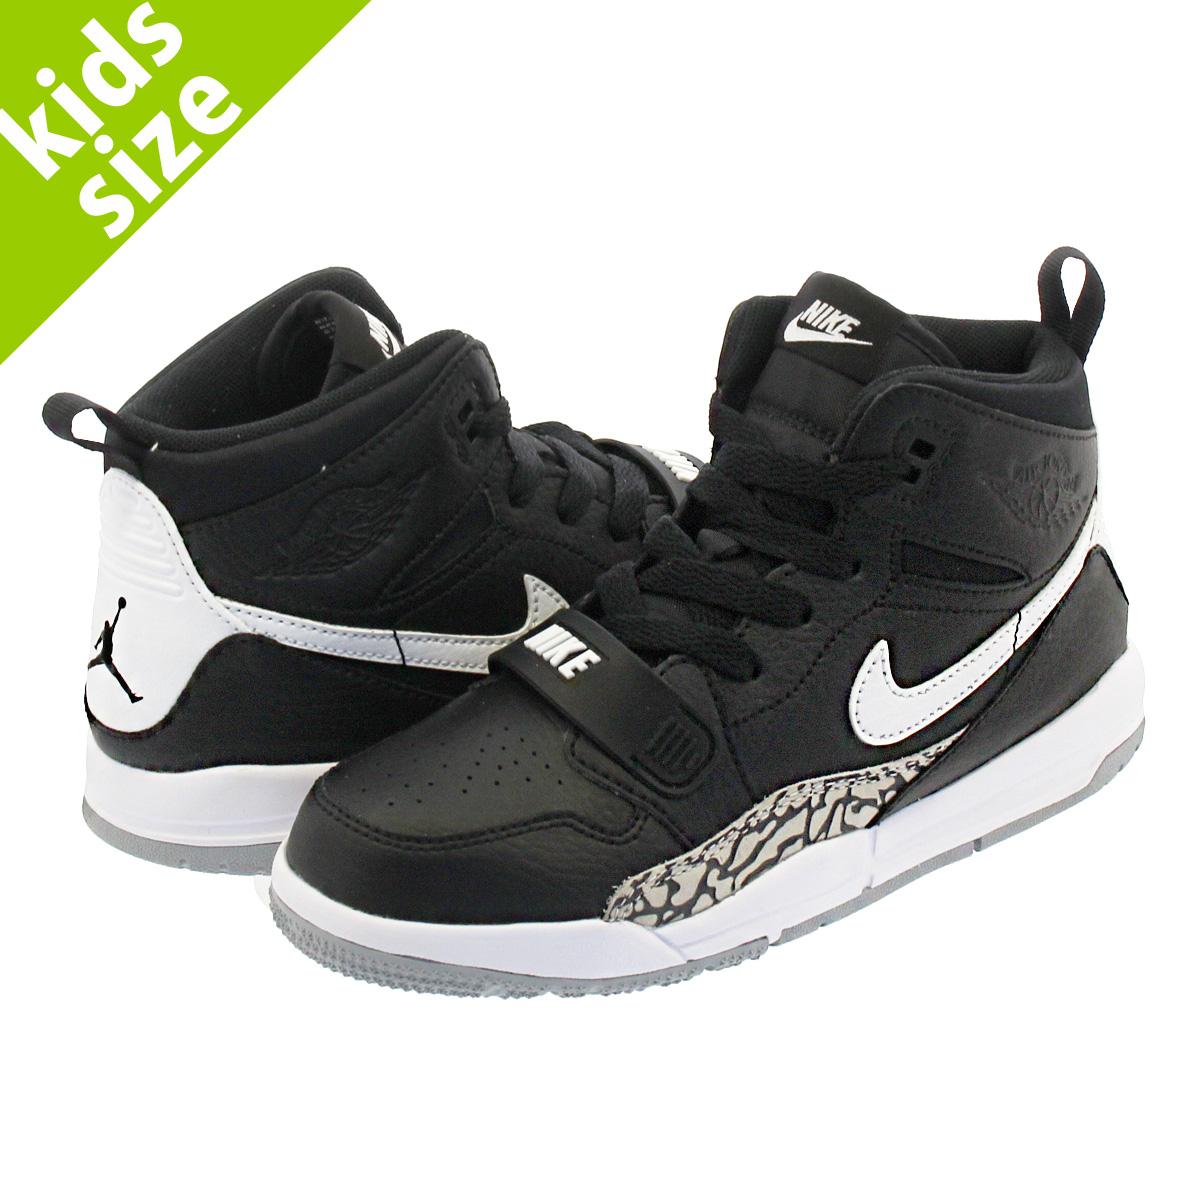 NIKE AIR JORDAN LEGACY 312 PS Nike Air Jordan Legacy 312 PS BLACKWHITE at4047 001